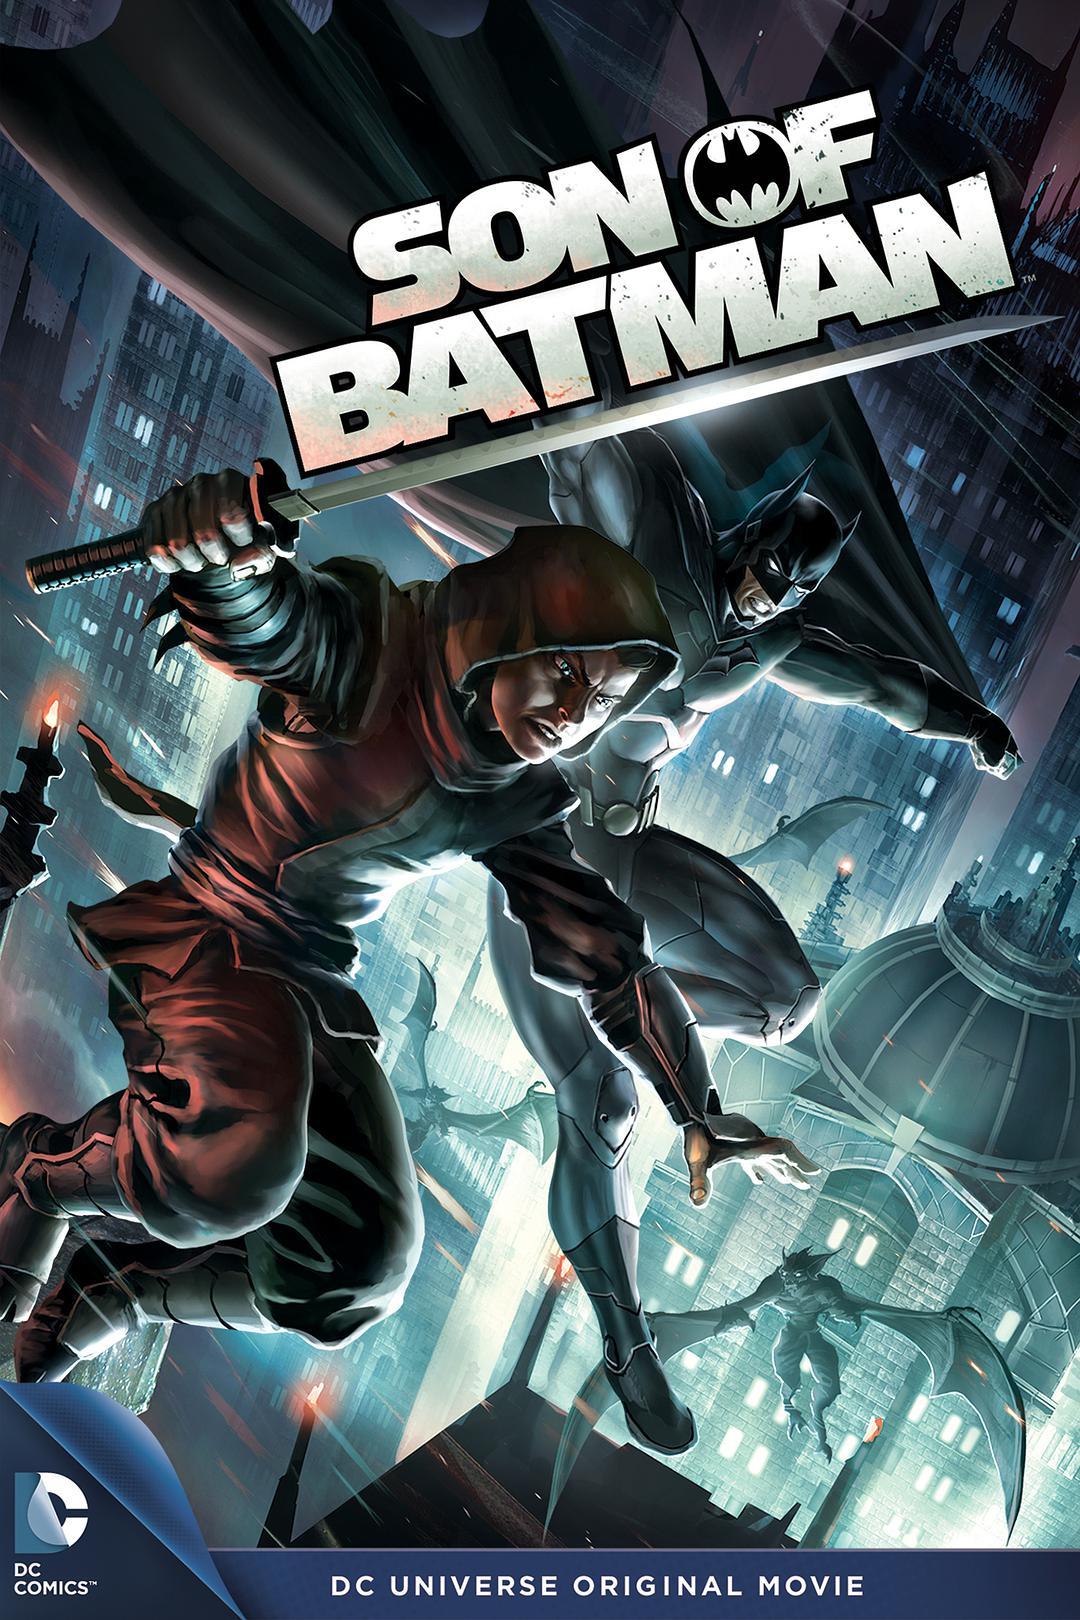 蝙蝠侠之子